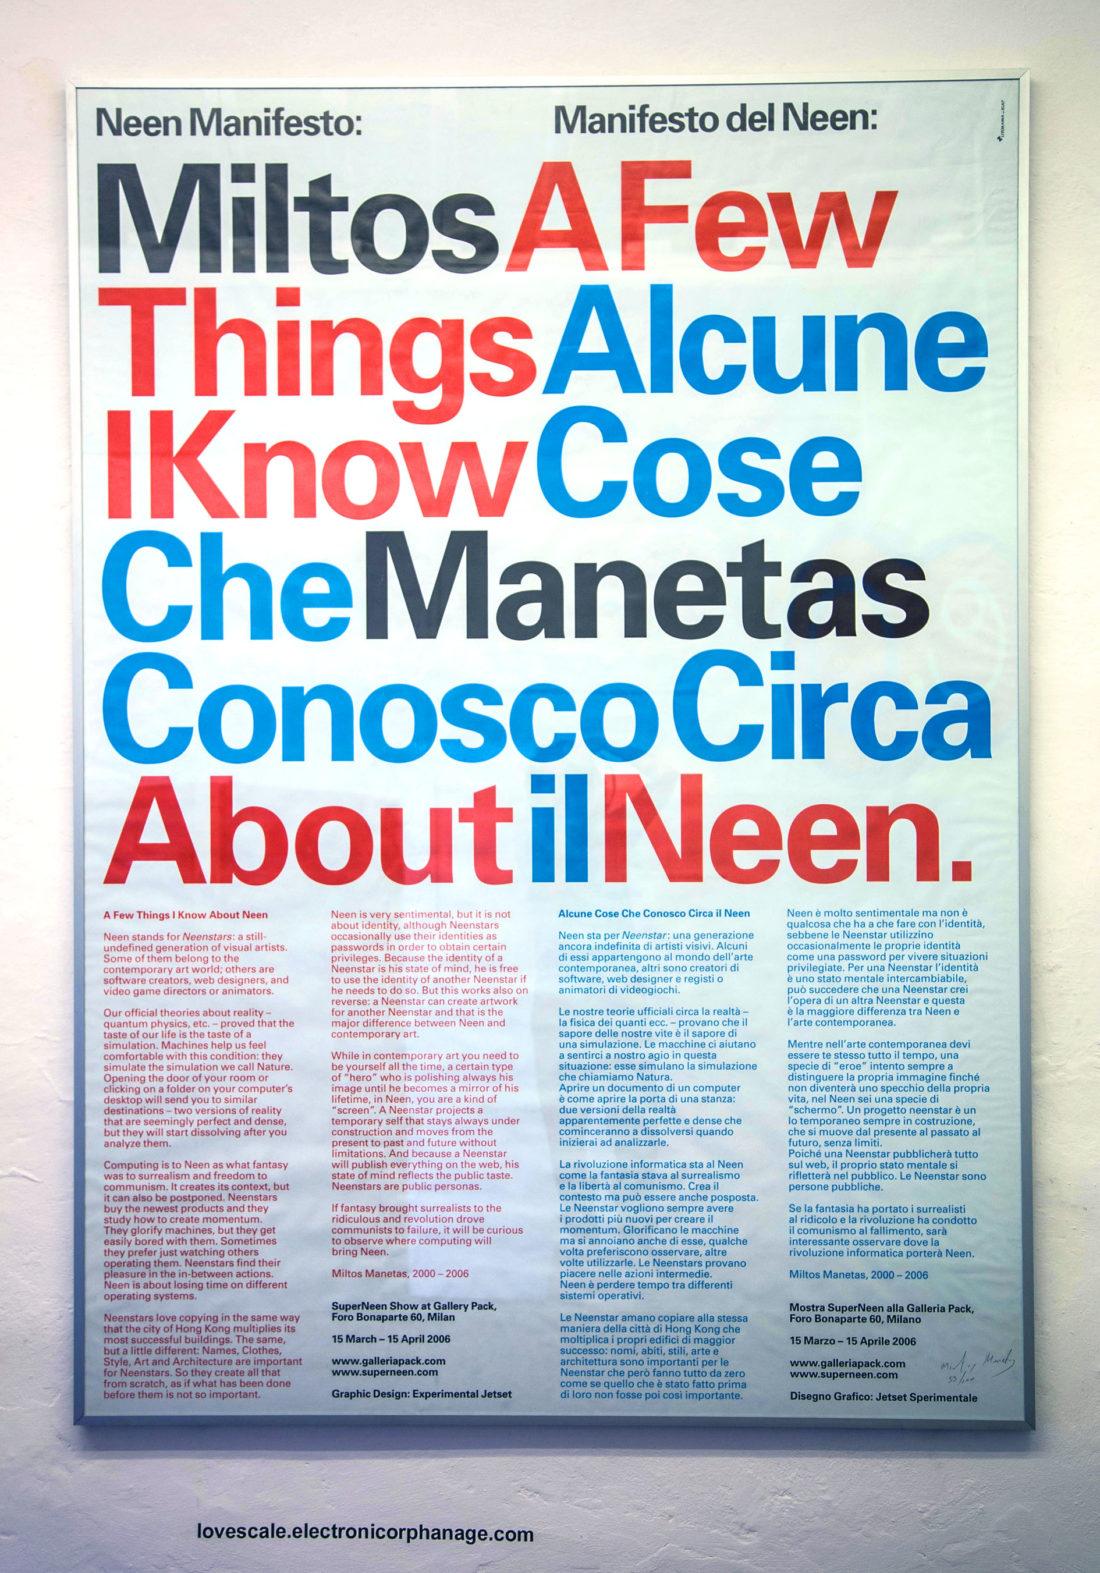 MILTOS MANETAS electronicOrphanage@siena, manifesto dell'arte Neen, scritto da M.Manetas nel 2000 e stampato nel 2006 dalla Galleria Pack di Milano, su design grafico di Experimental Jetset. Foto Cinzia Iovine